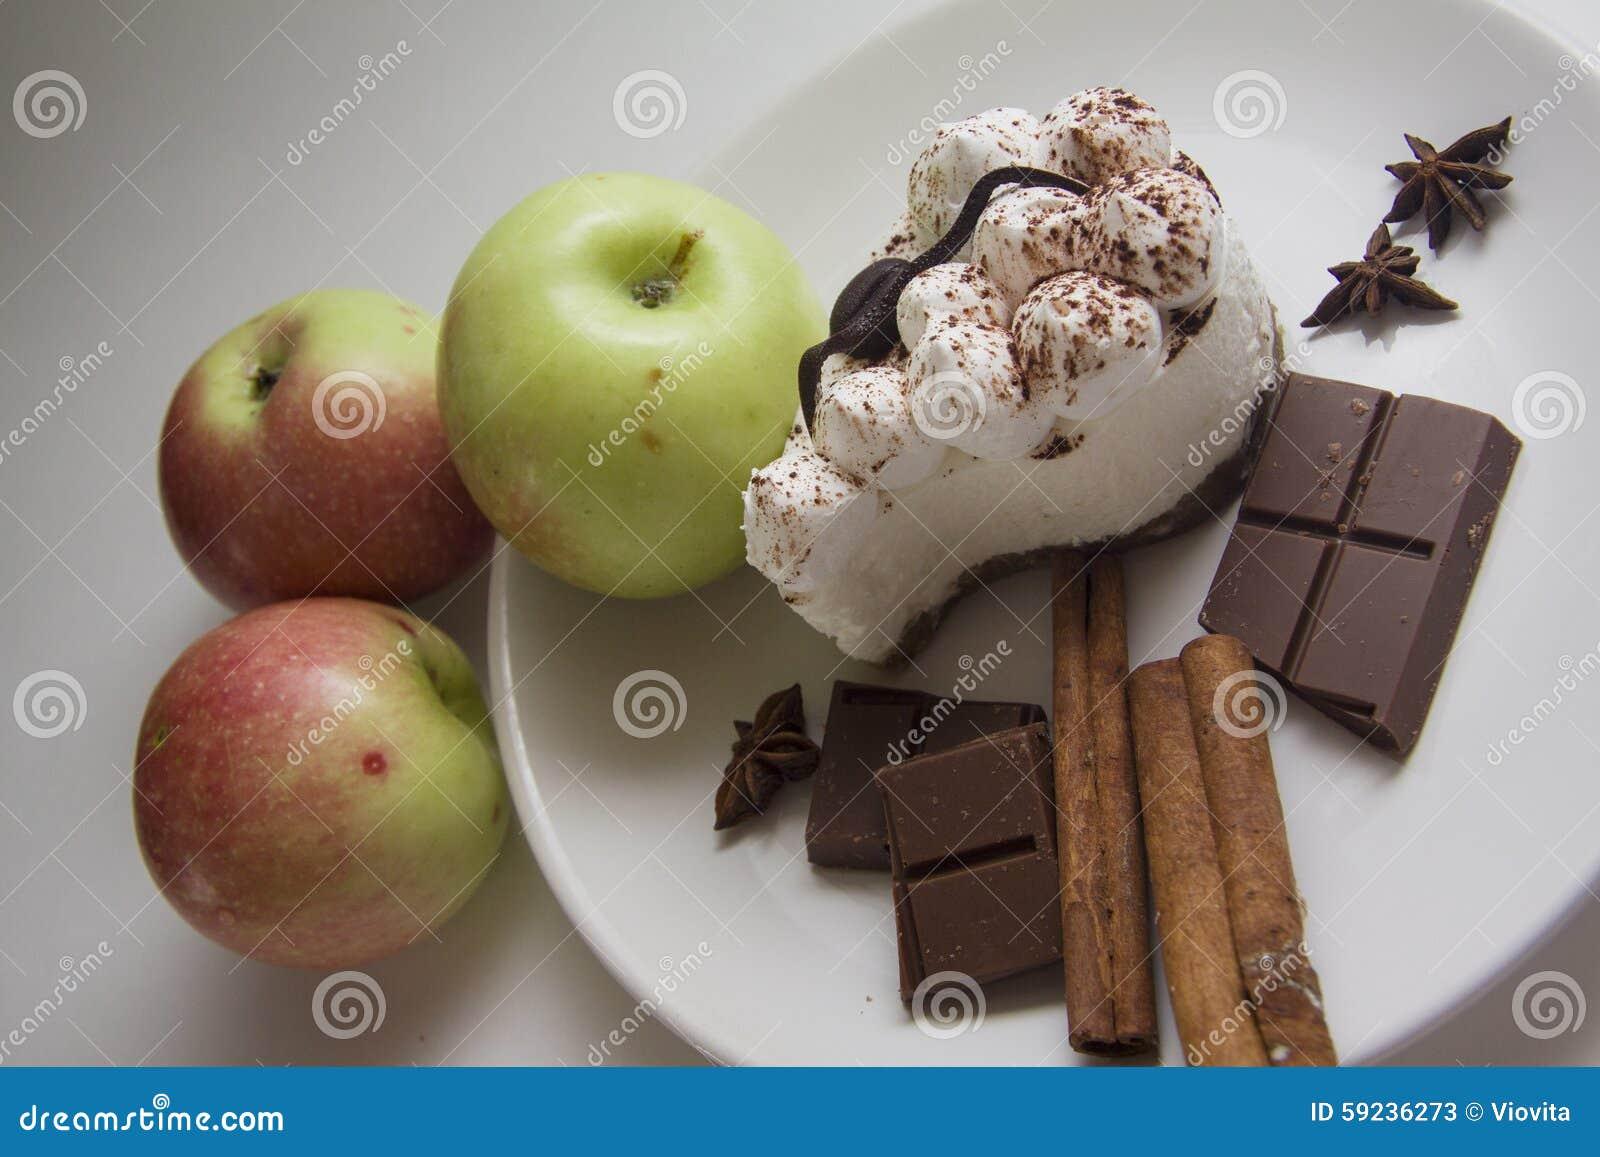 Manzanas, peras y tiramisu